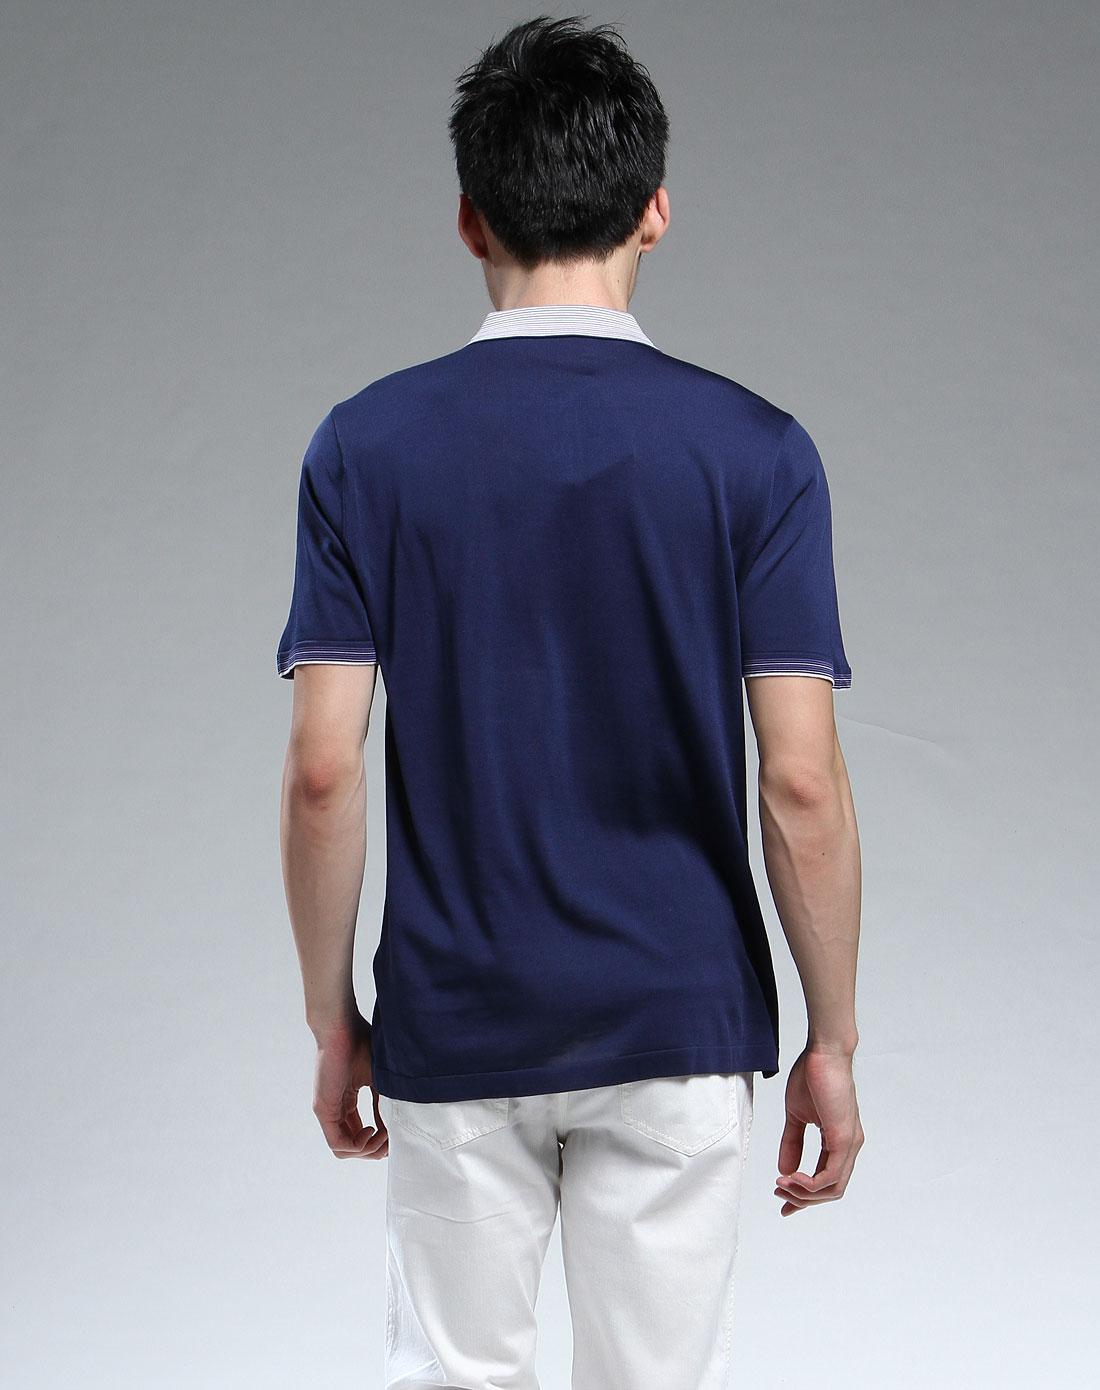 深蓝色简约短袖t恤